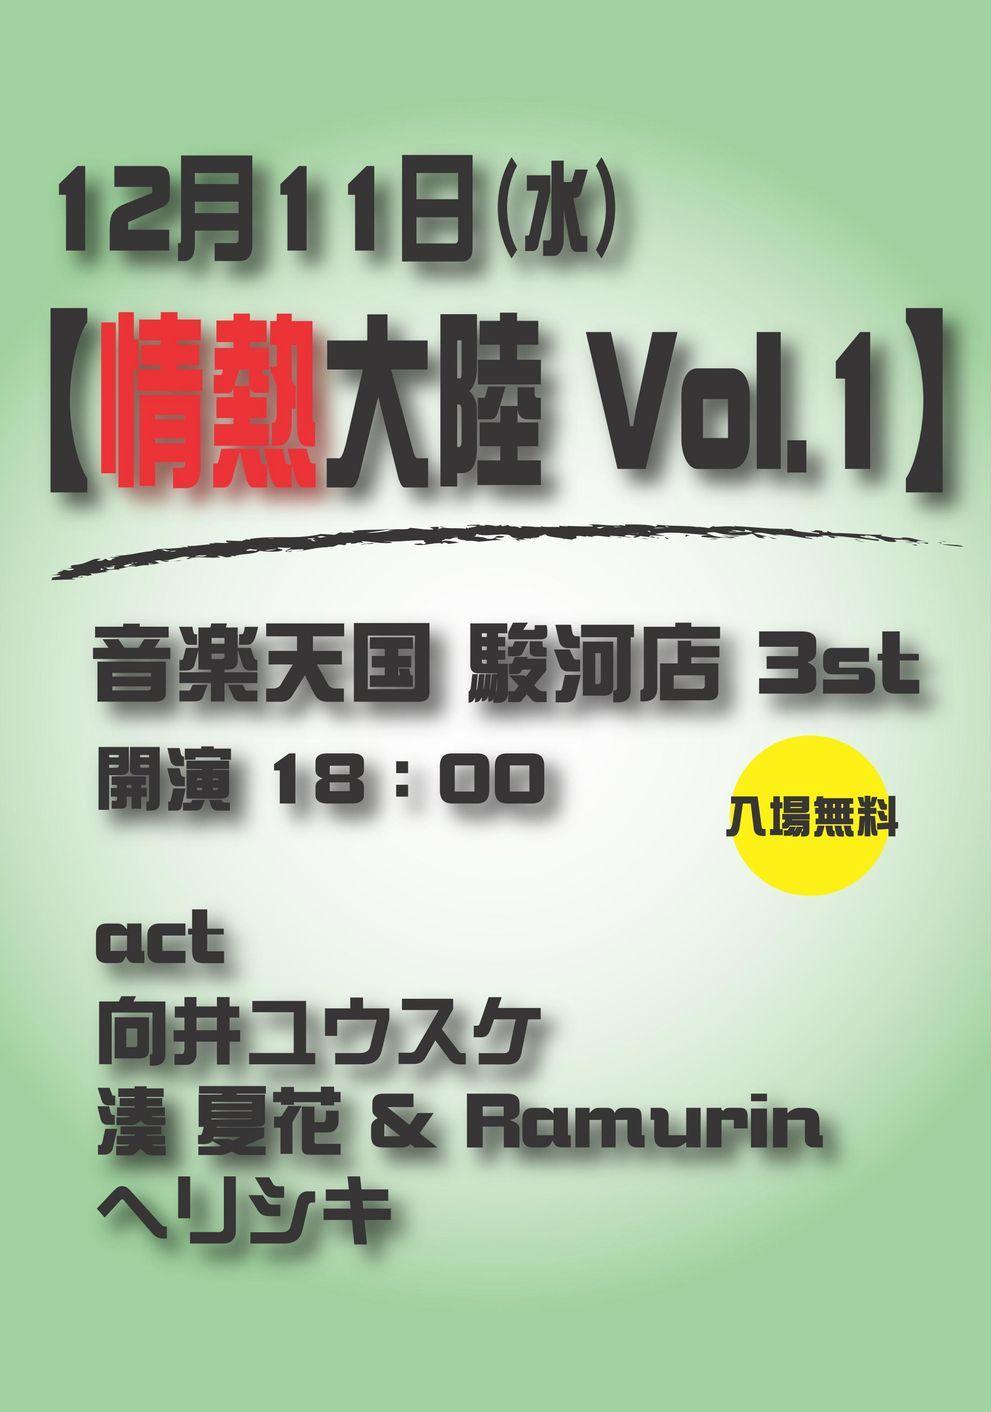 スタジオライブ「情熱大陸Vol.1」@静岡駿河店12月11日(水)初開催!